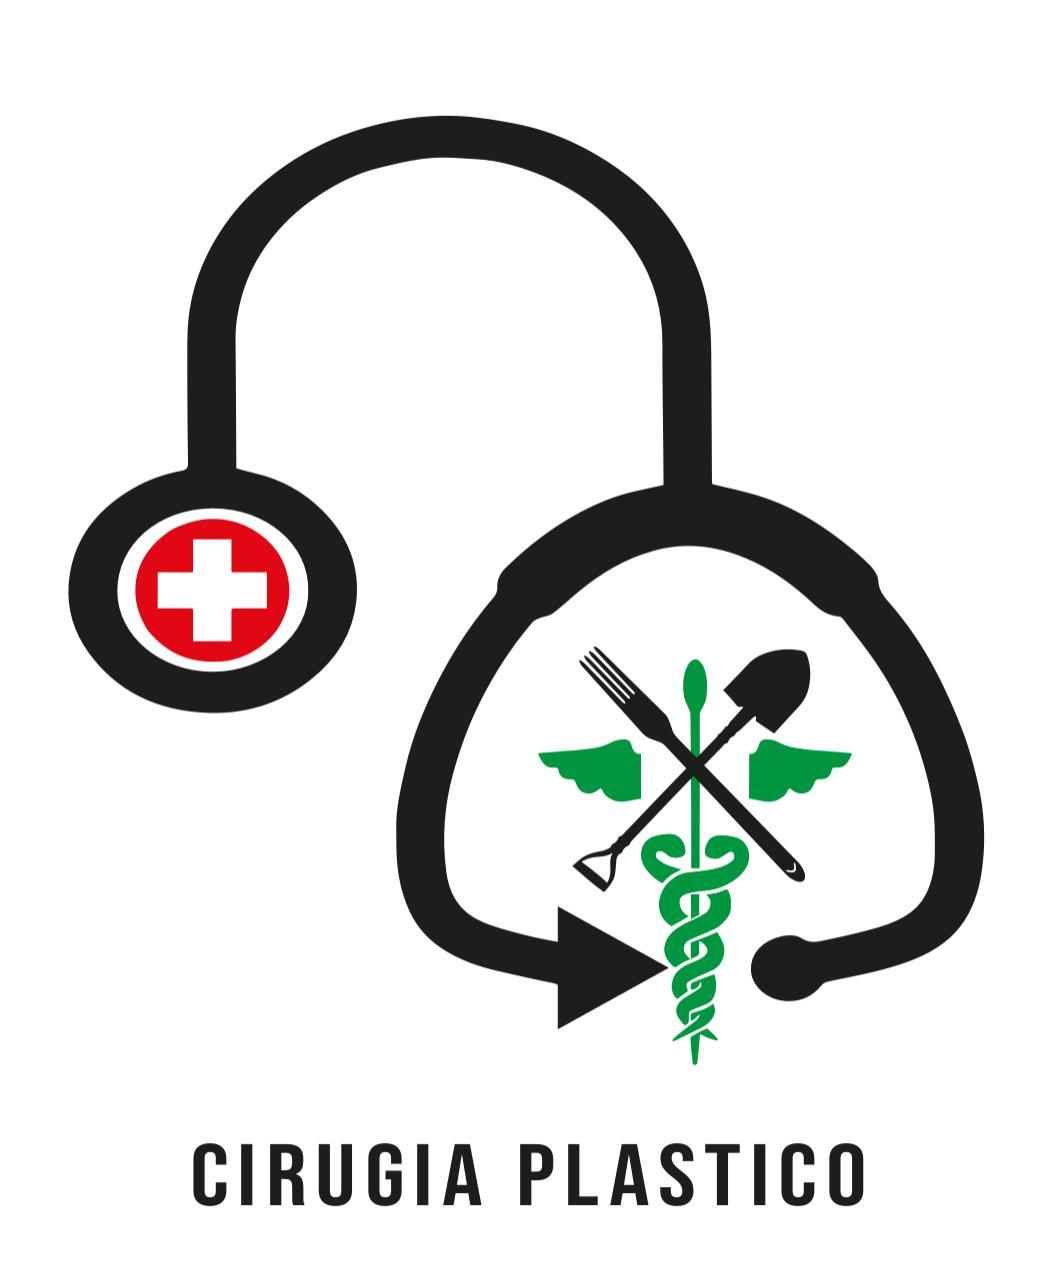 Cirugía Plástico